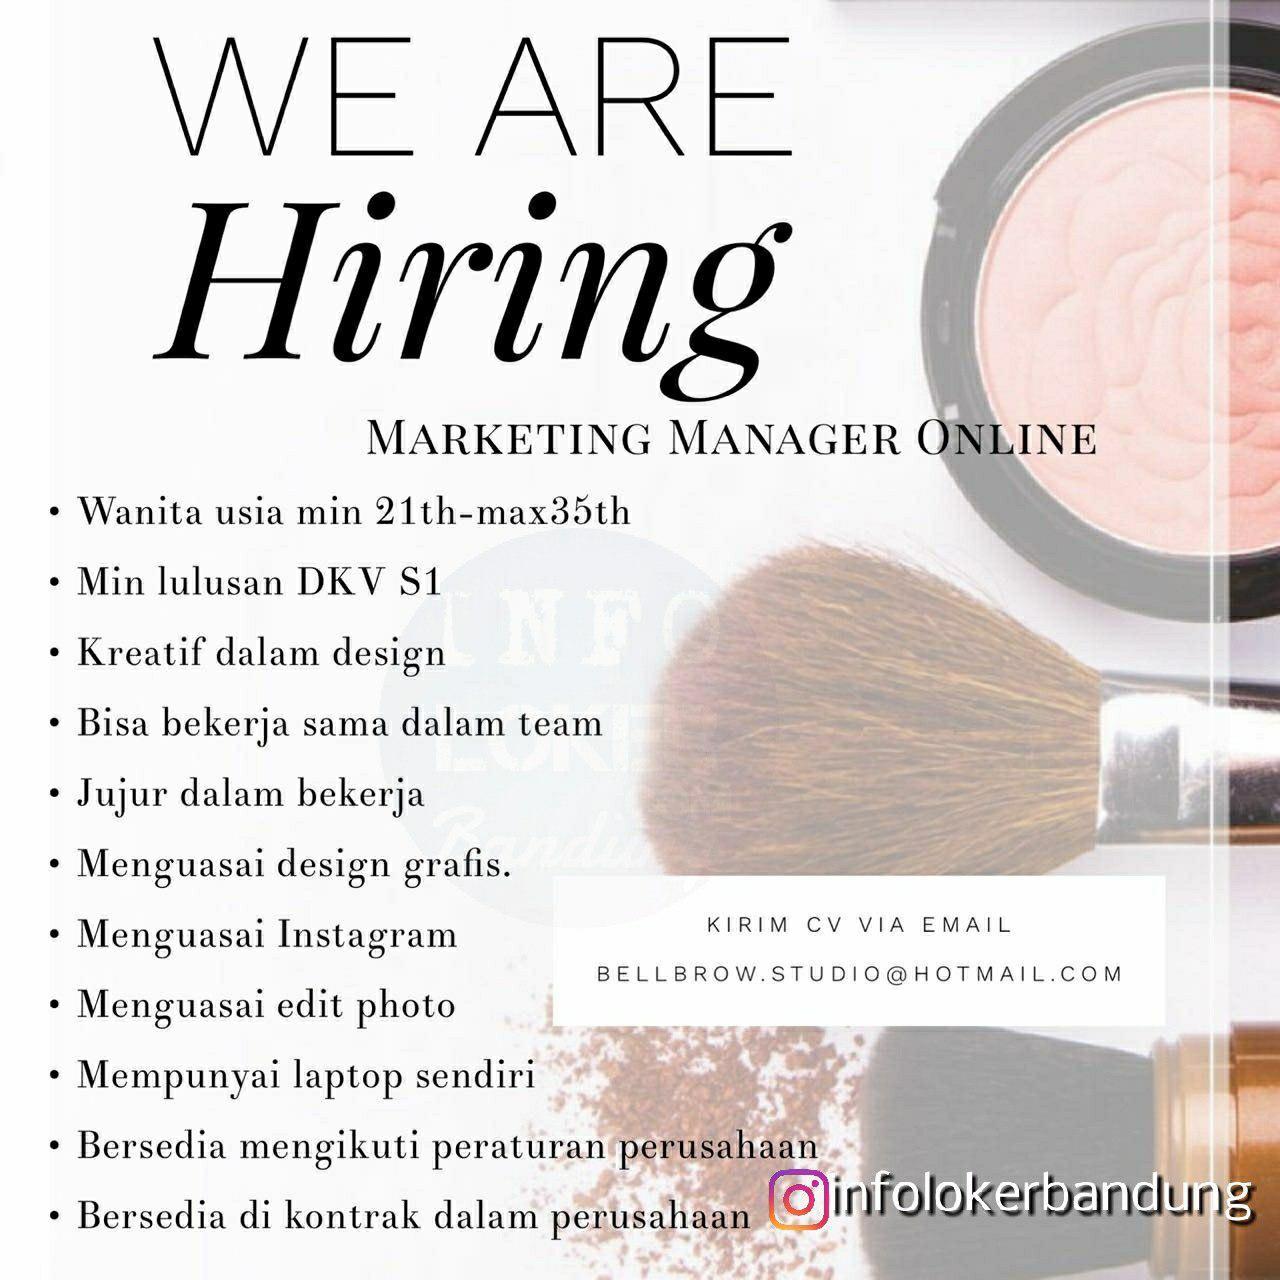 Lowongan Kerja Merketing Manajer Online Bellbrow Studio Bandung Mei 2018